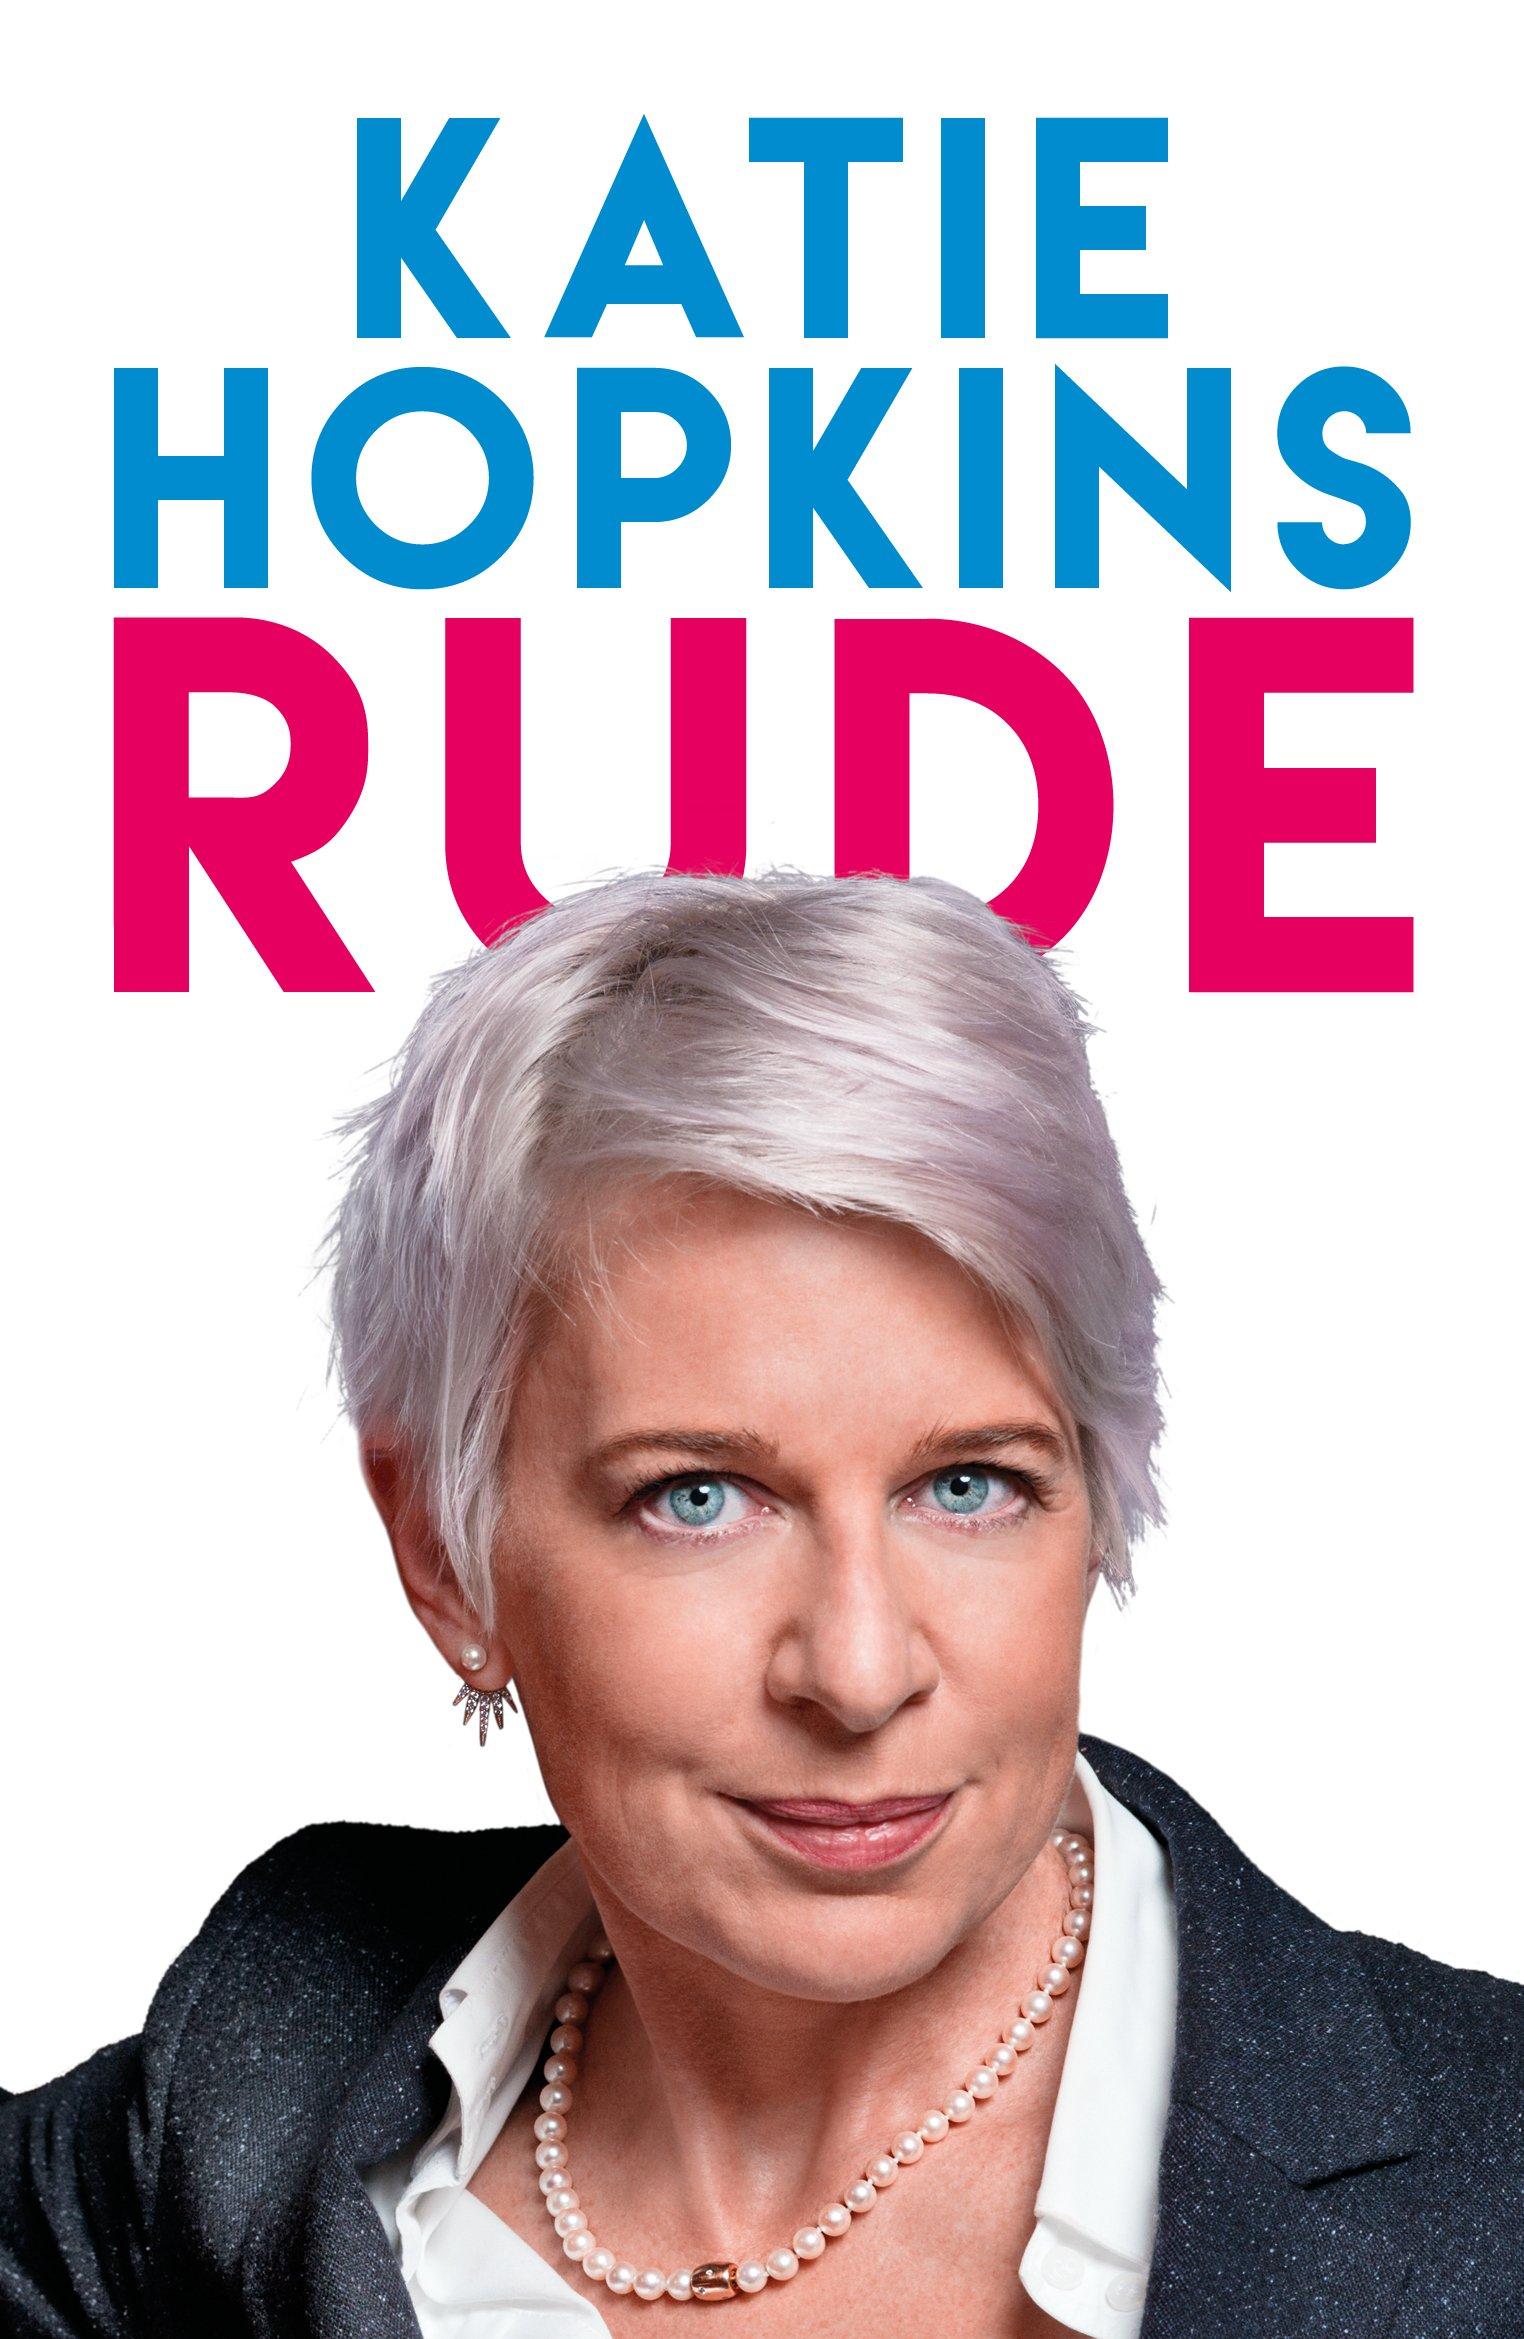 rude katie hopkins 9781785902468 amazon com books